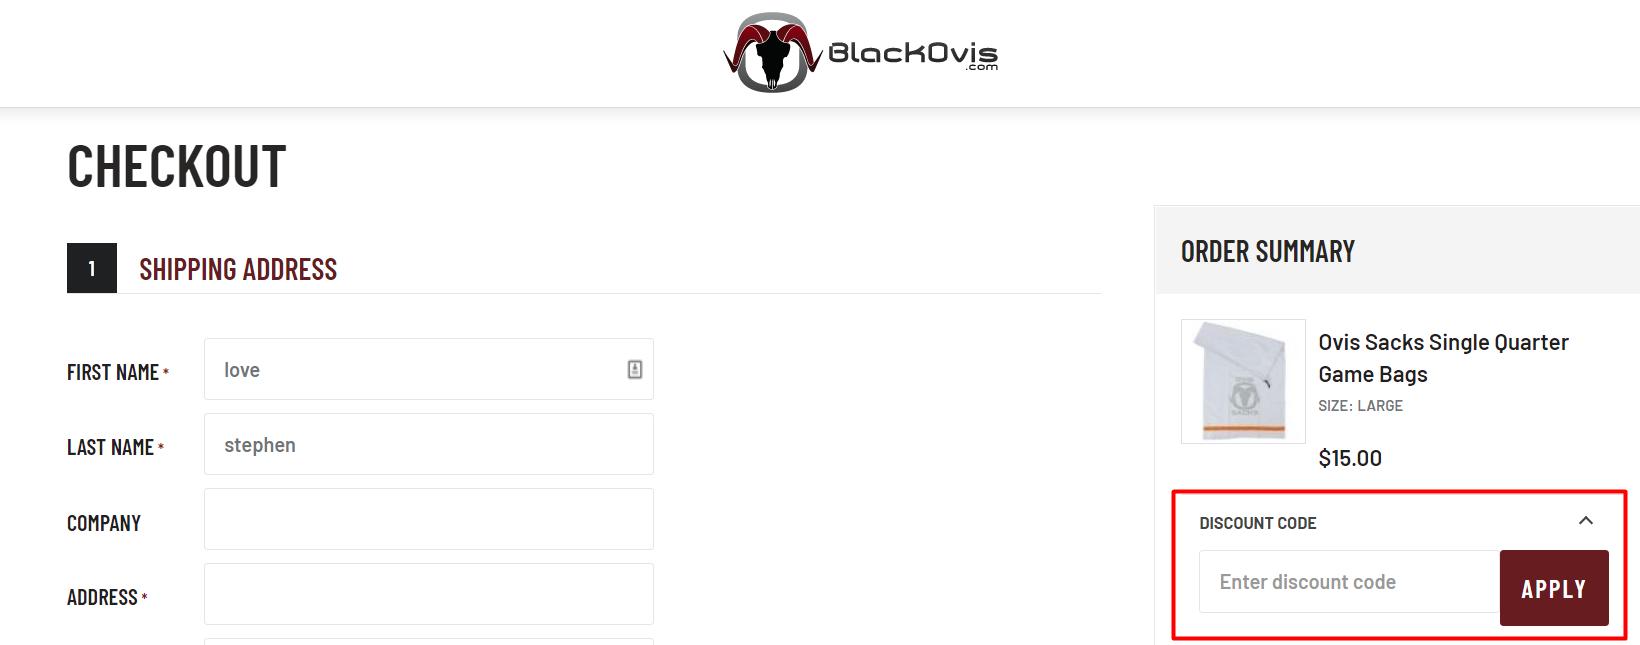 How do I use my BlackOvis.com discount code?